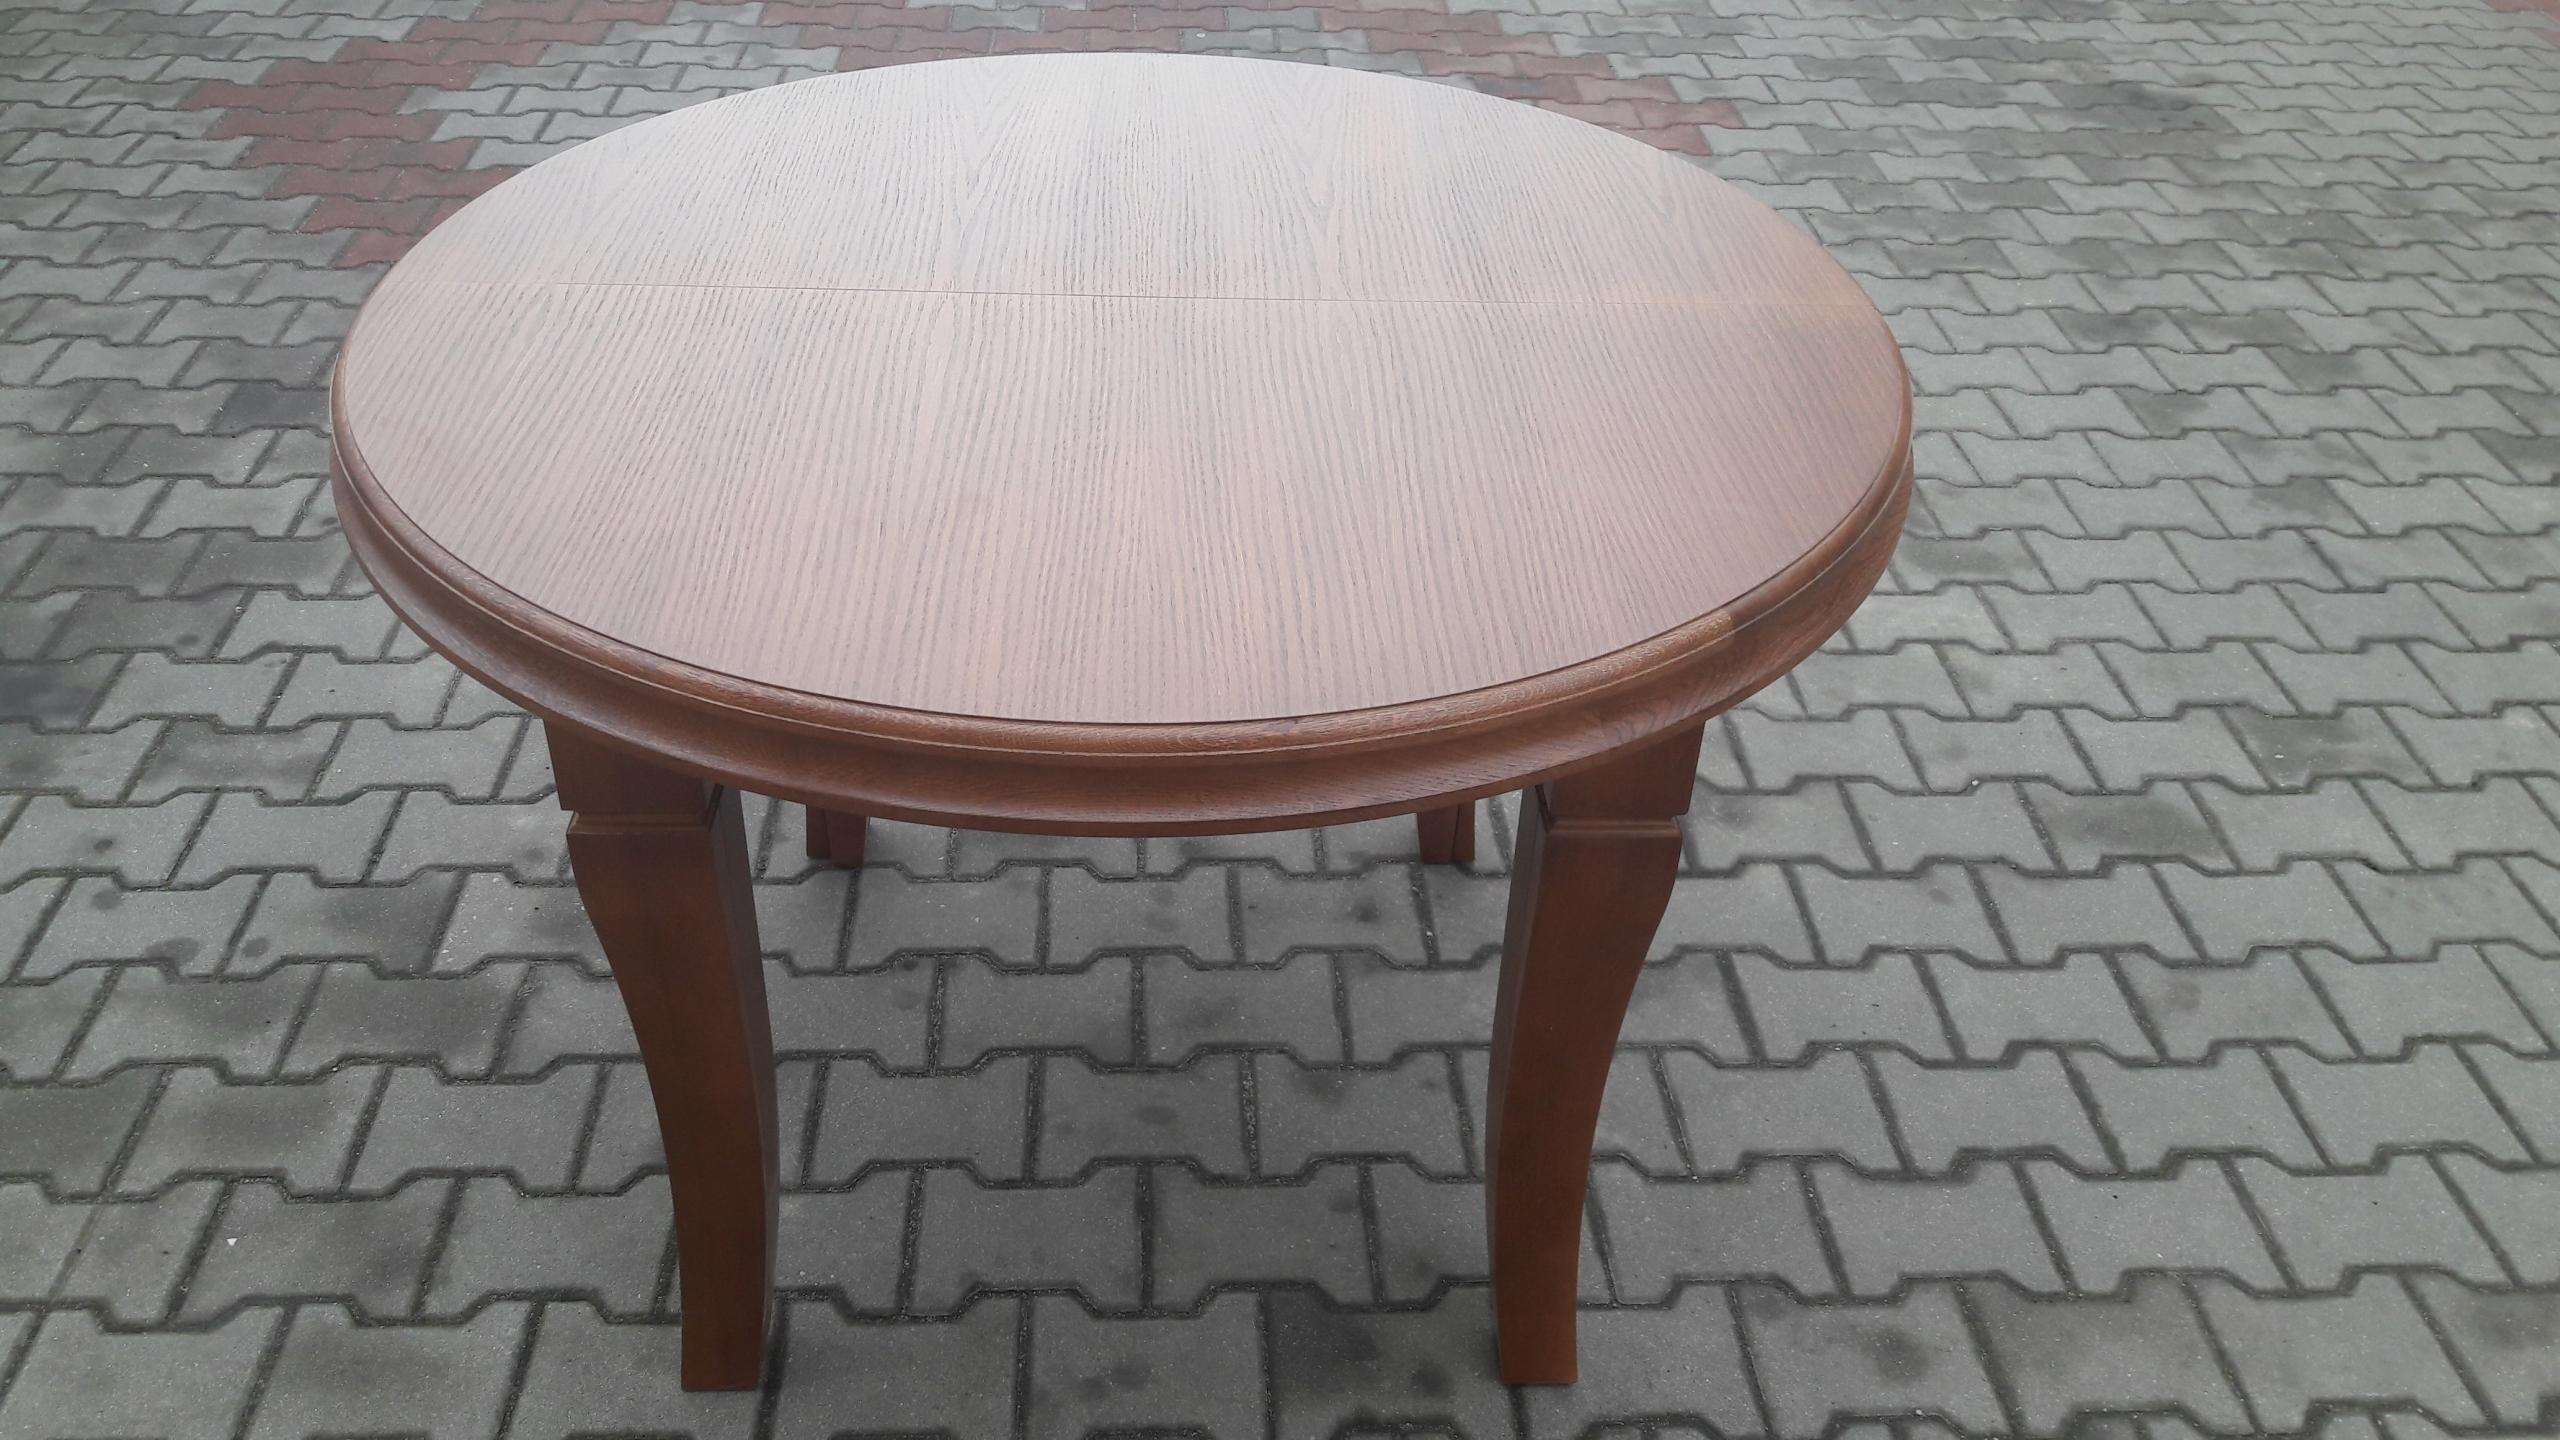 Okrúhly stôl 140 cm x 340 cm Mega výsuvné 8 nožičiek